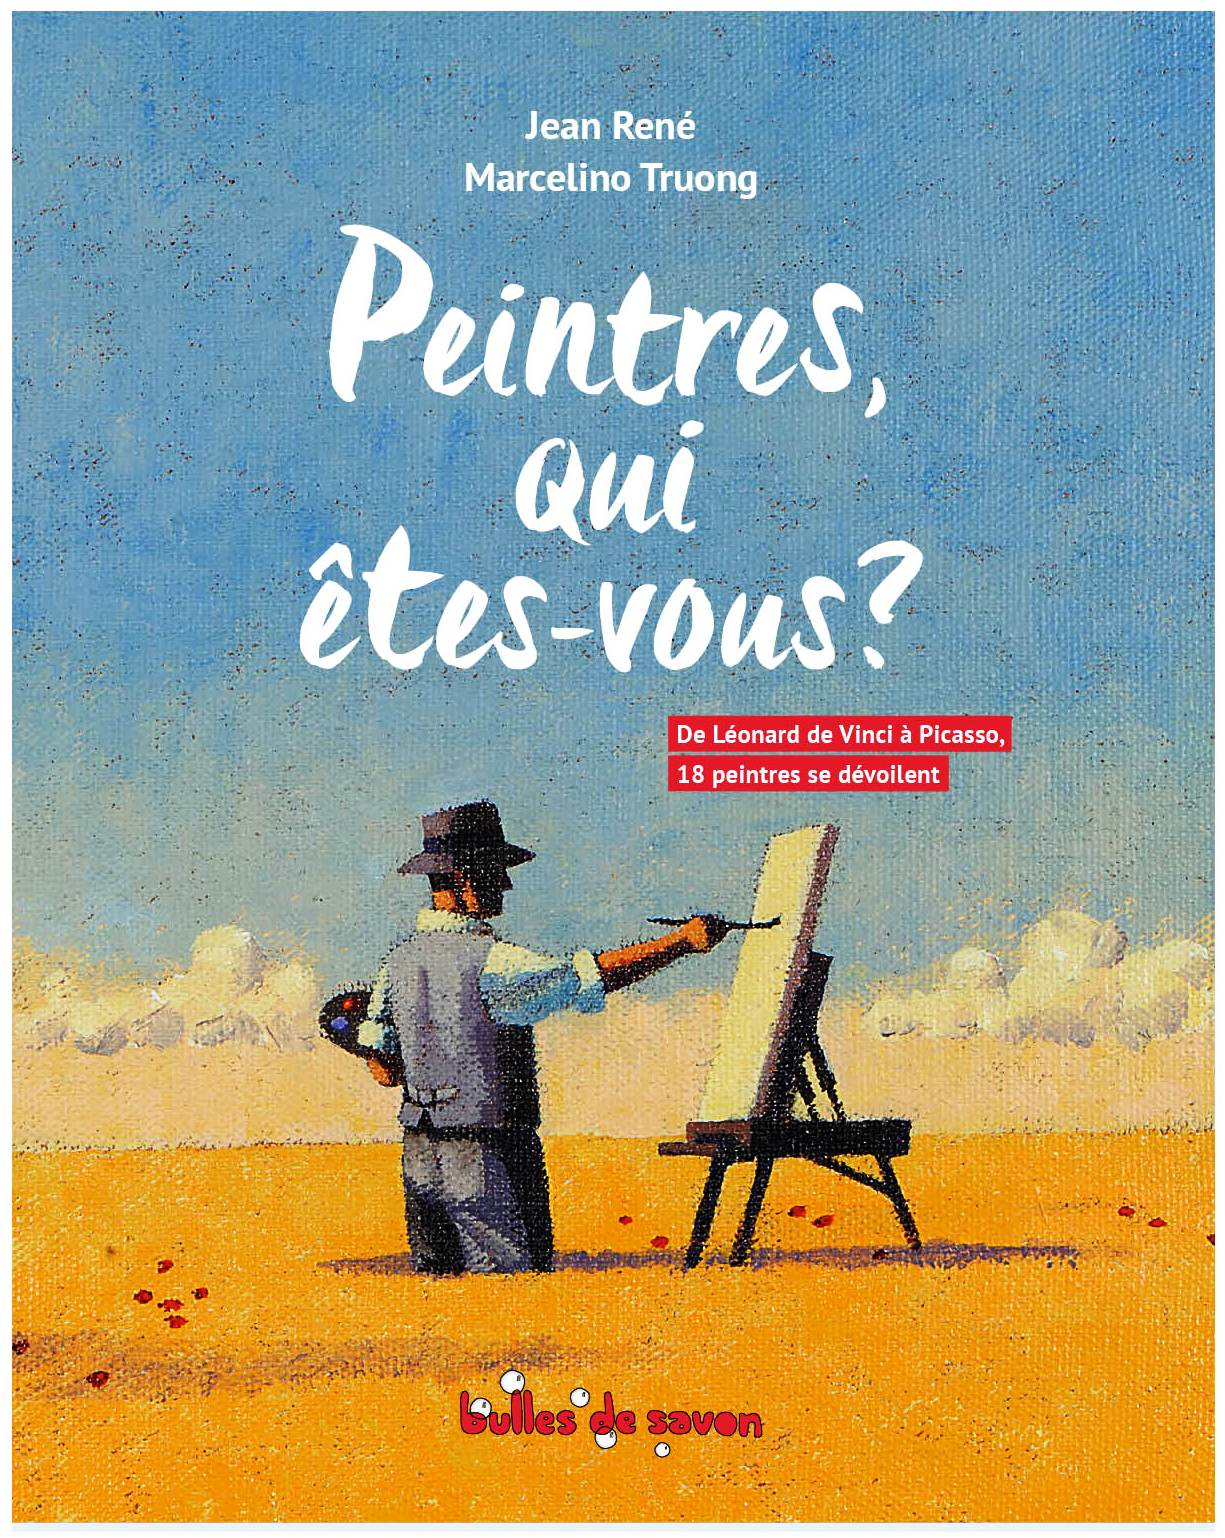 Peintres-qui-êtes-vous-Une.jpg